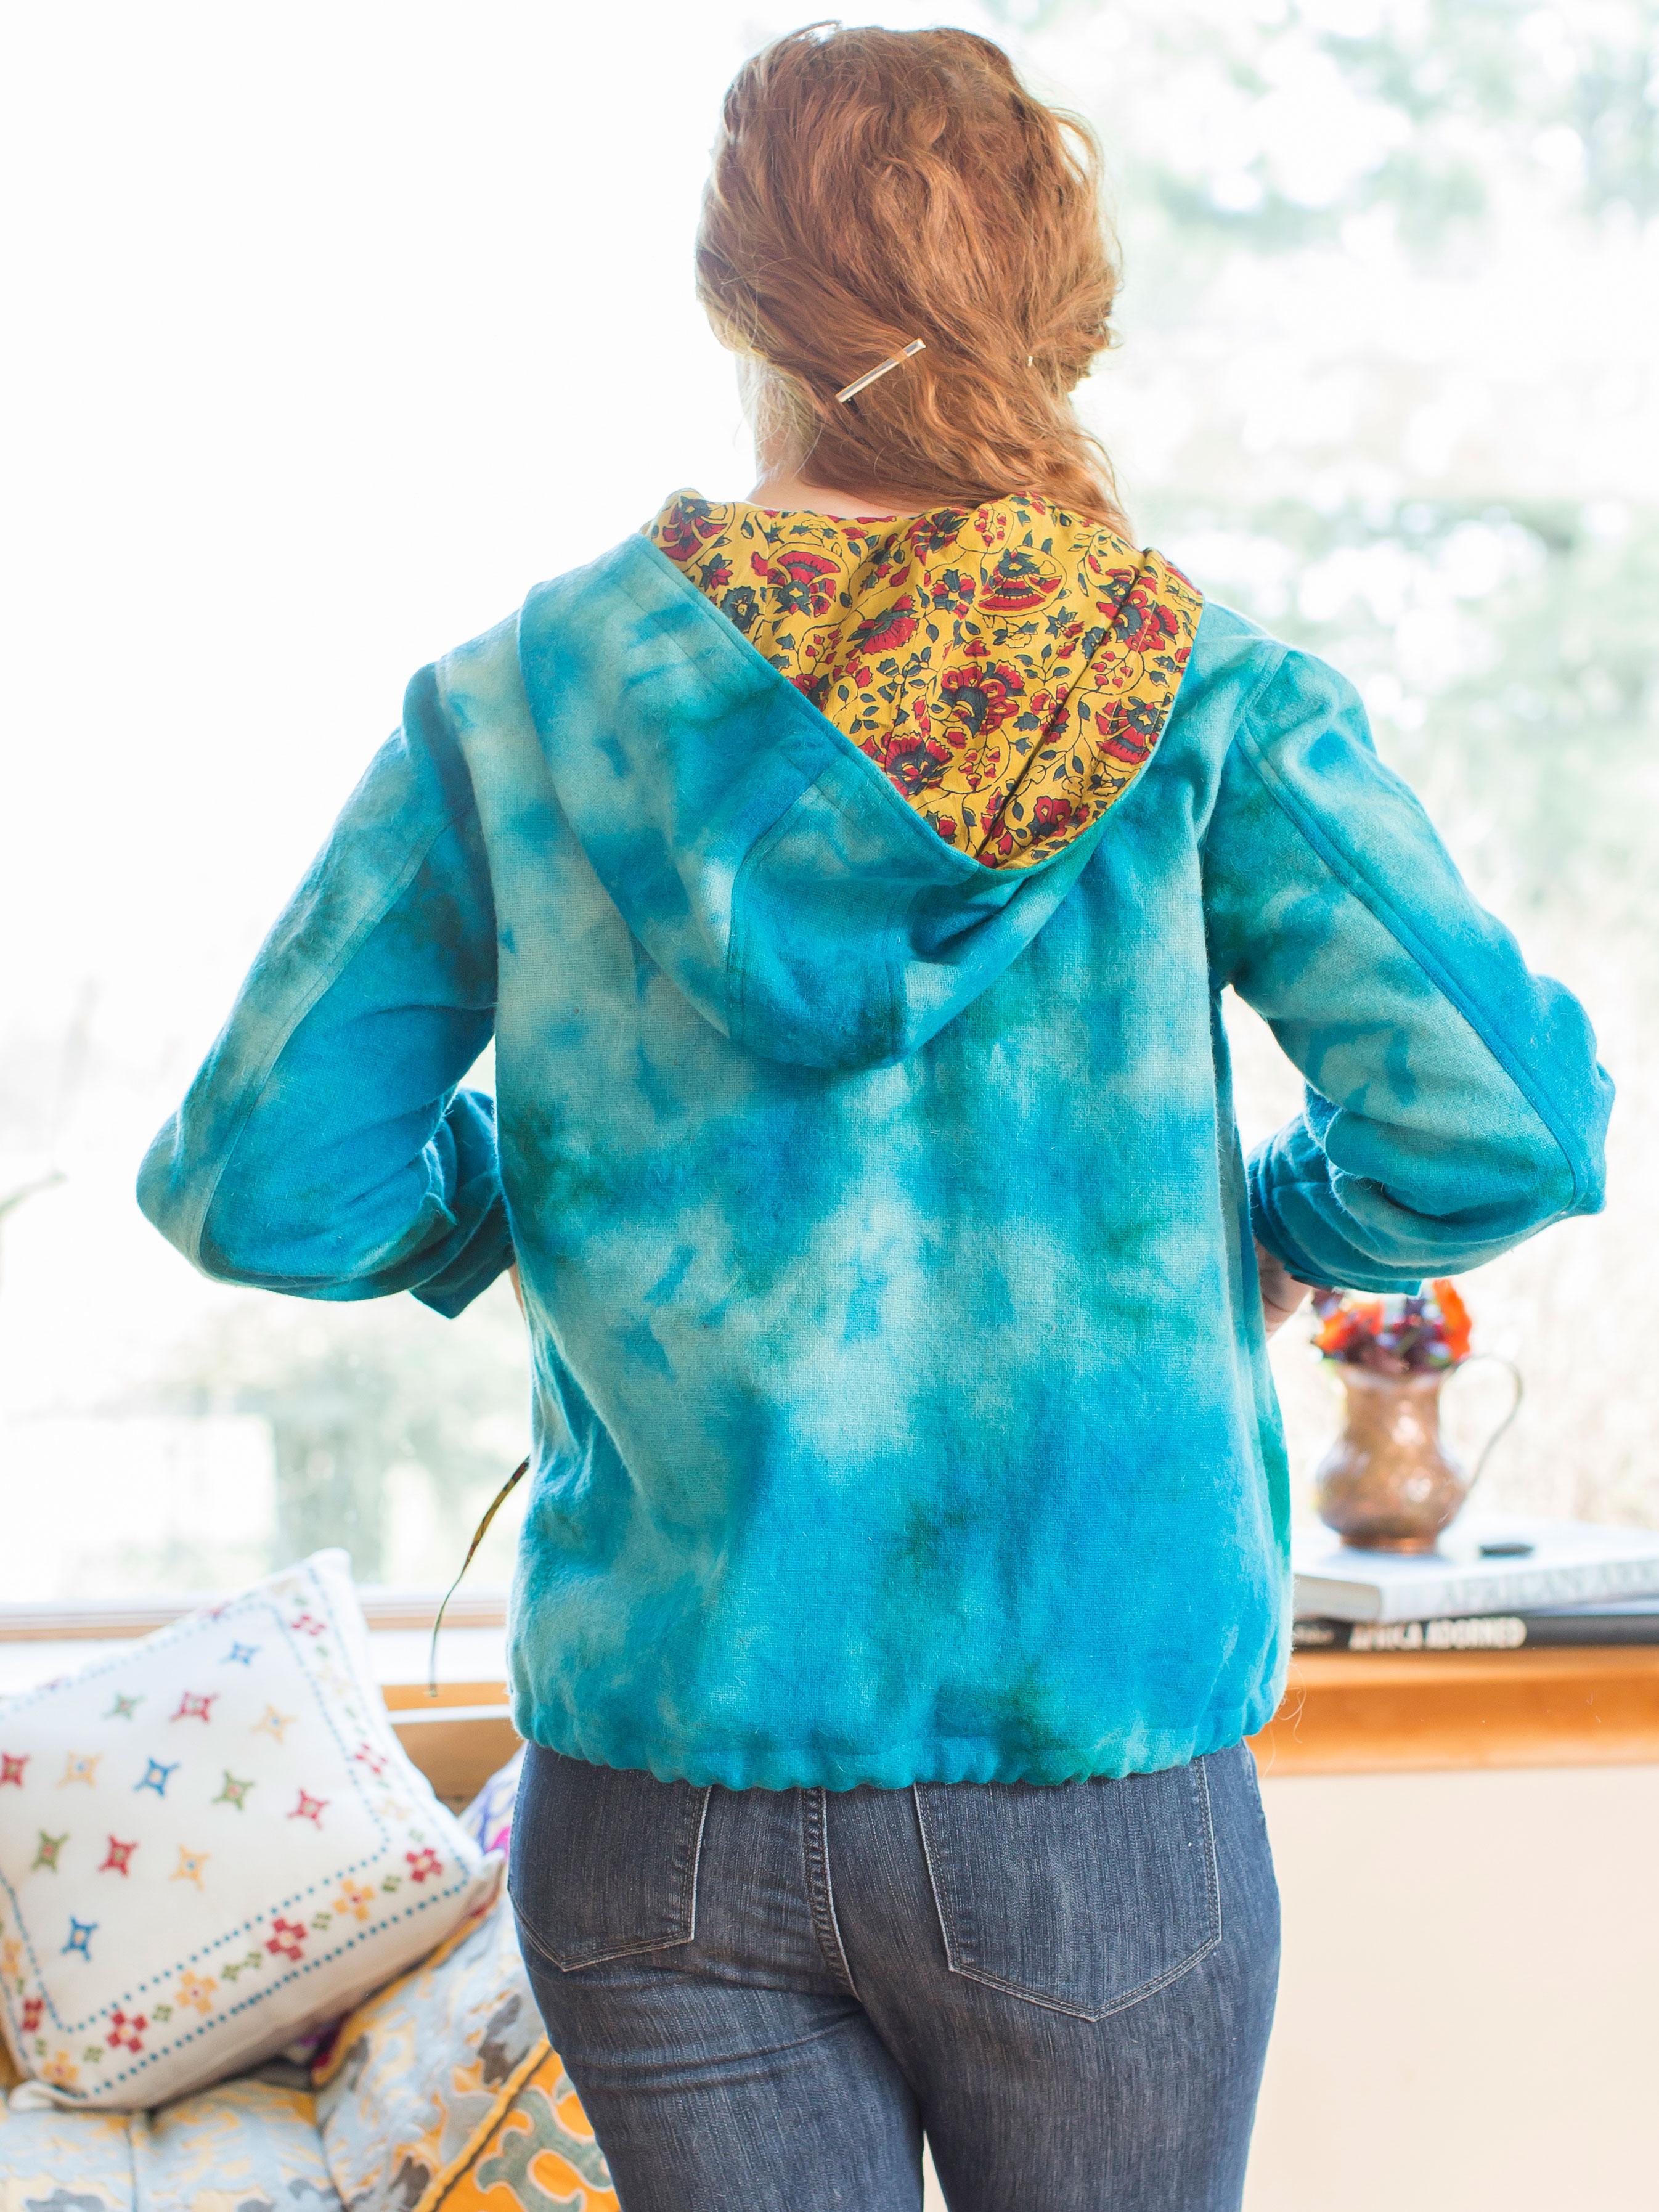 Isle Of Skye Jacket Ladies Clothing Jackets Amp Sweaters